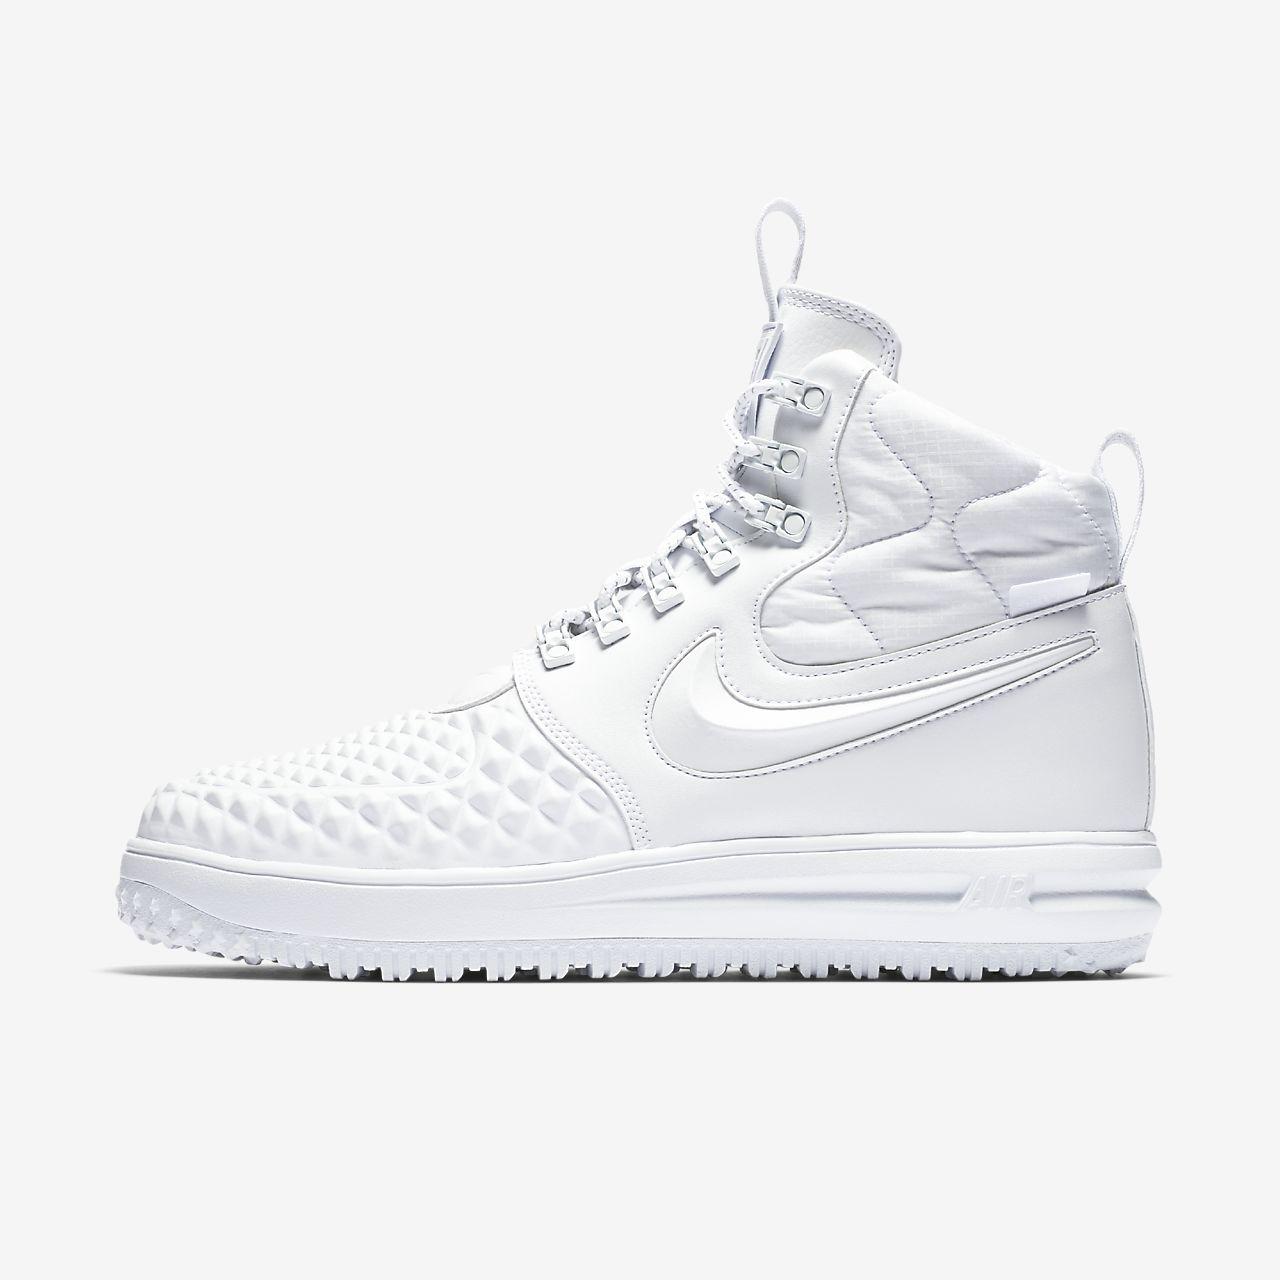 1280x1280 Nike Lunar Force 1